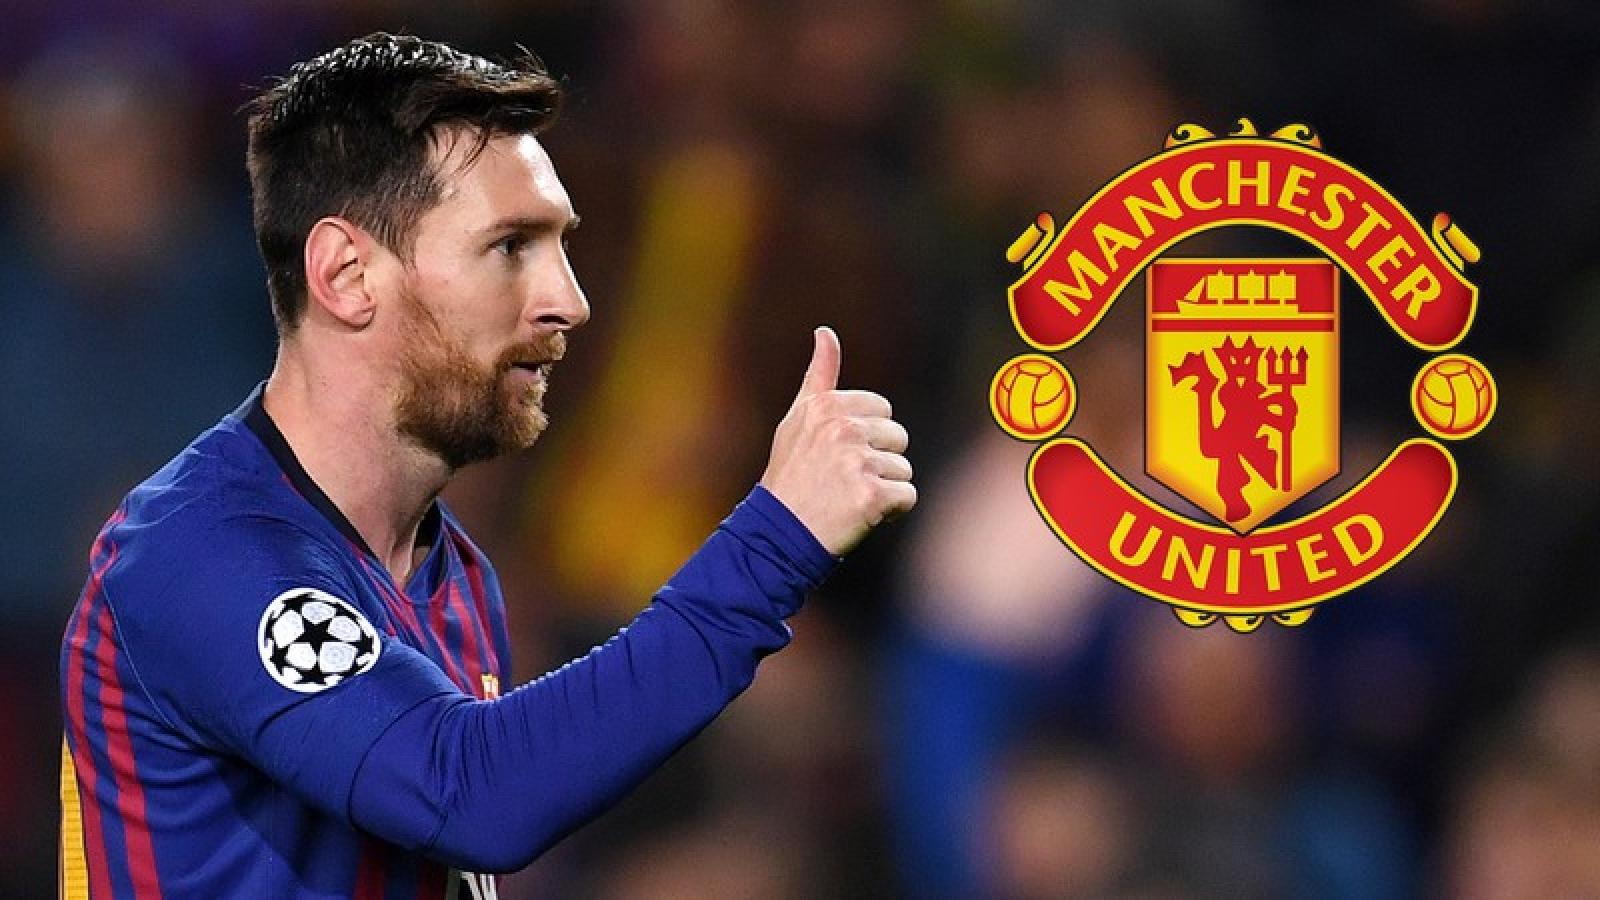 Góc nhìn: Messi không phù hợp với MU